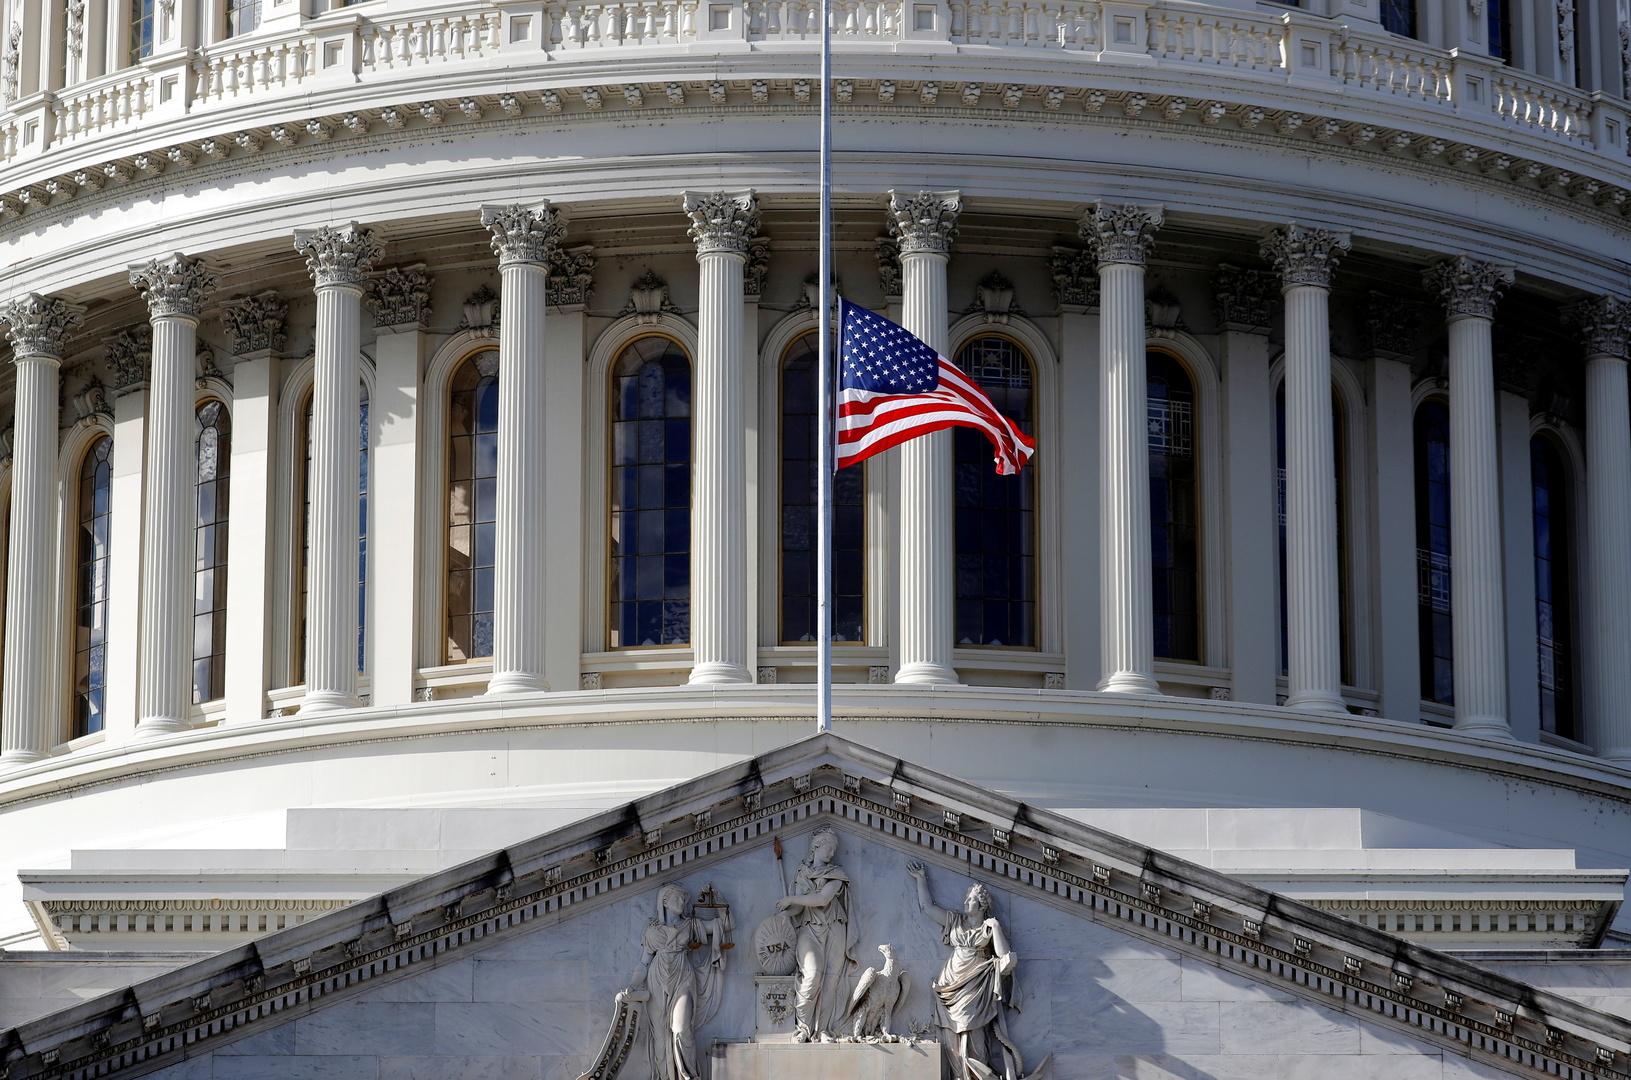 عجز الميزانية الأمريكية يصل إلى 311 مليار دولار بسبب كورونا